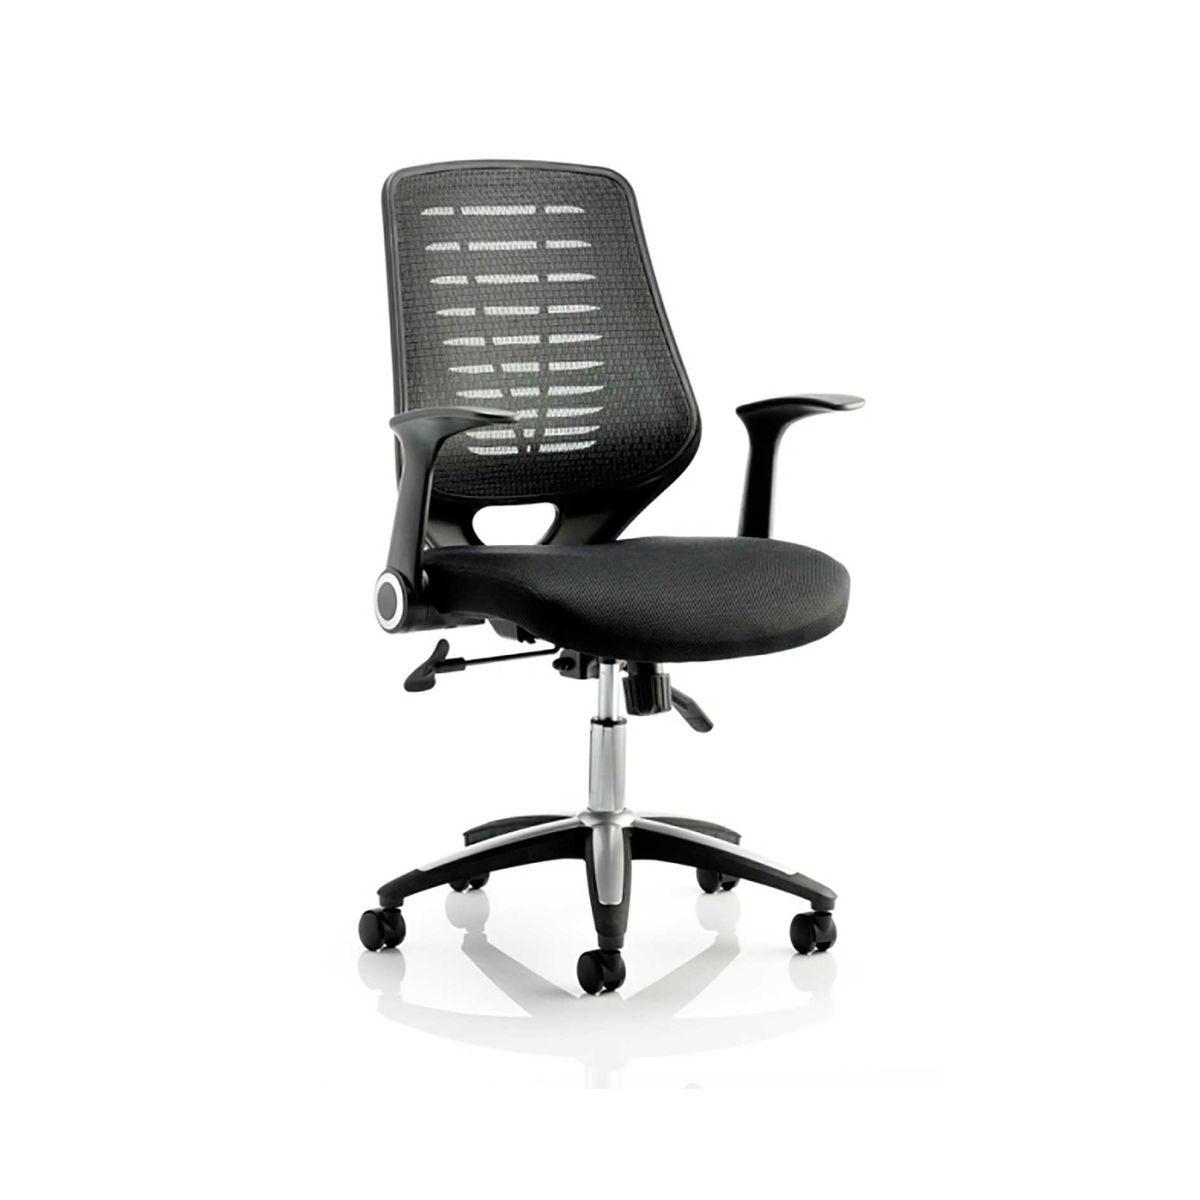 Relay Air Mesh Office Chair, Black